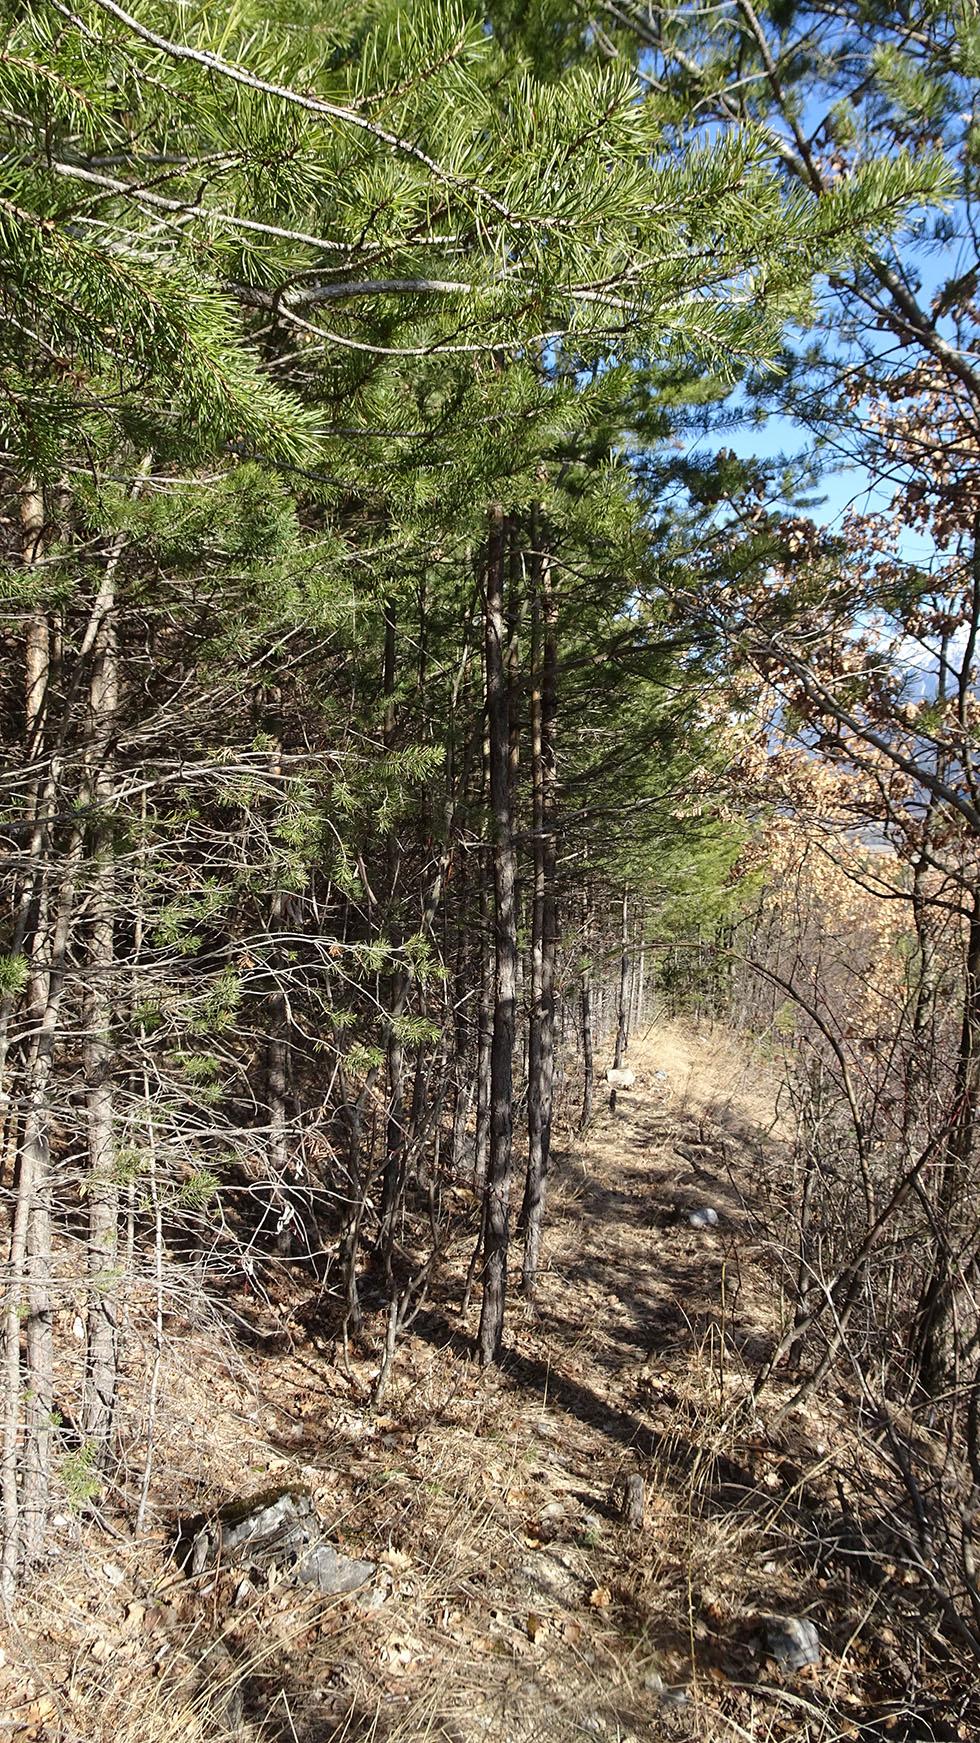 Il y a vingt ans, ce boisement bien régulier de pins était une piste de tracteur